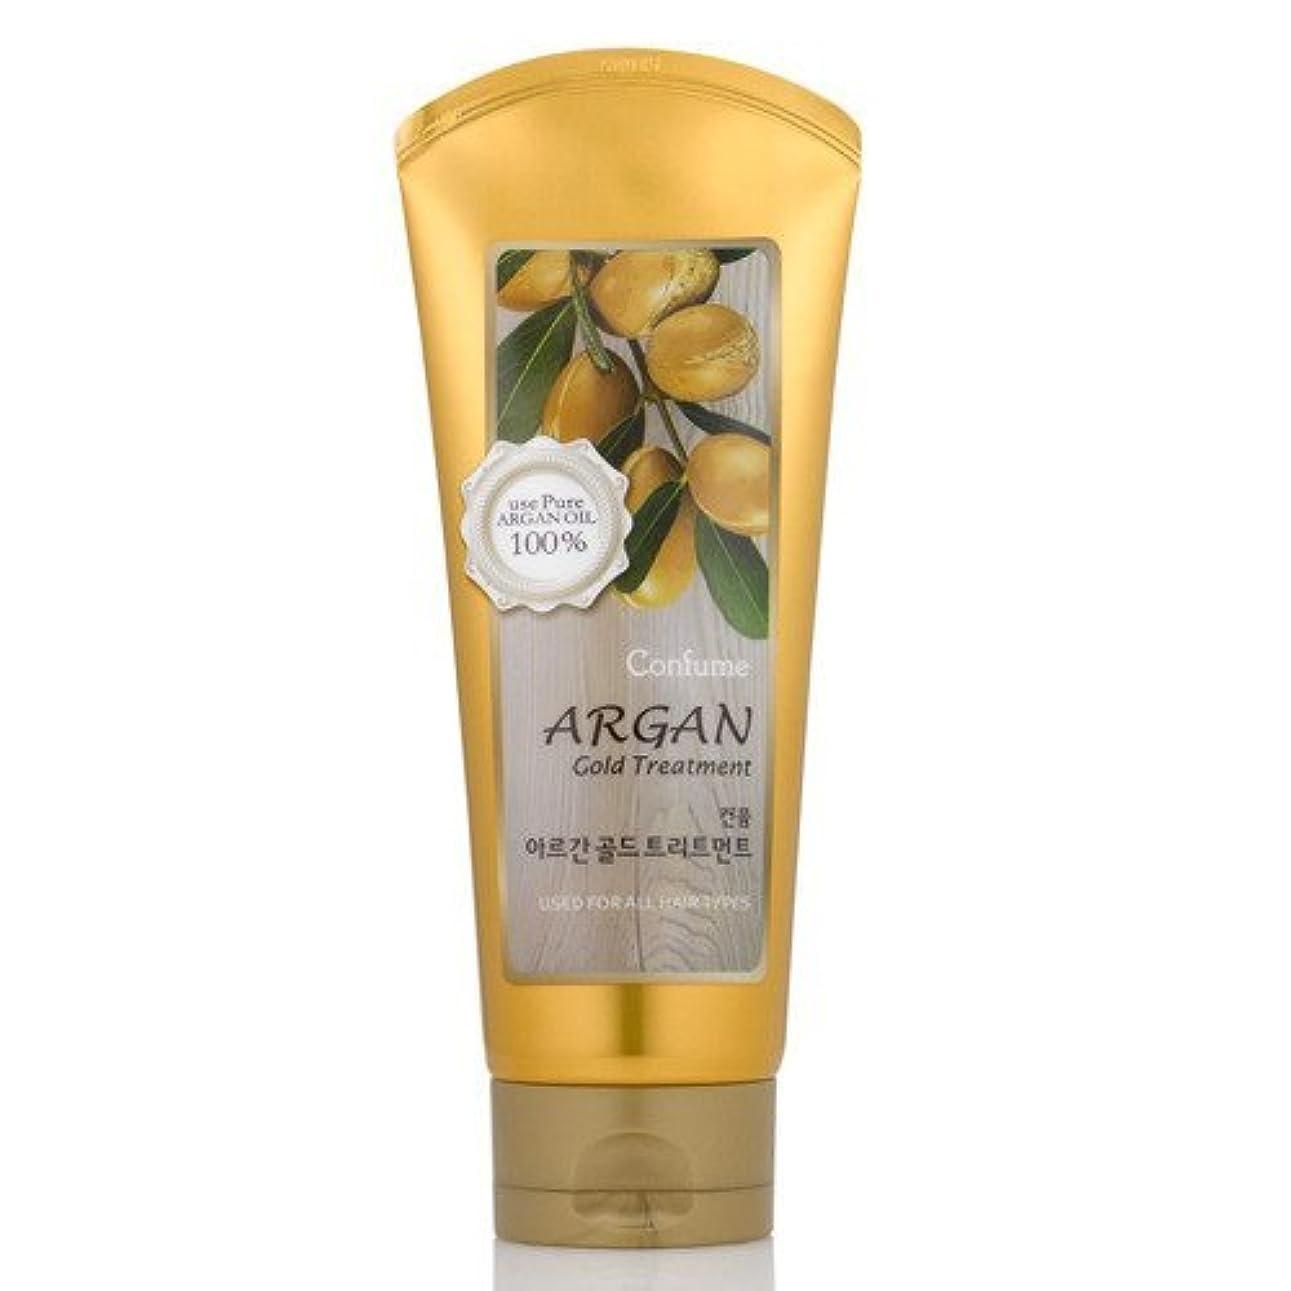 中傷黙認するソースウェルコス(WELCOS) アルガン コールド トリートメント200ml / Welcos Confume Argan Gold Treatment 200ml [並行輸入品]